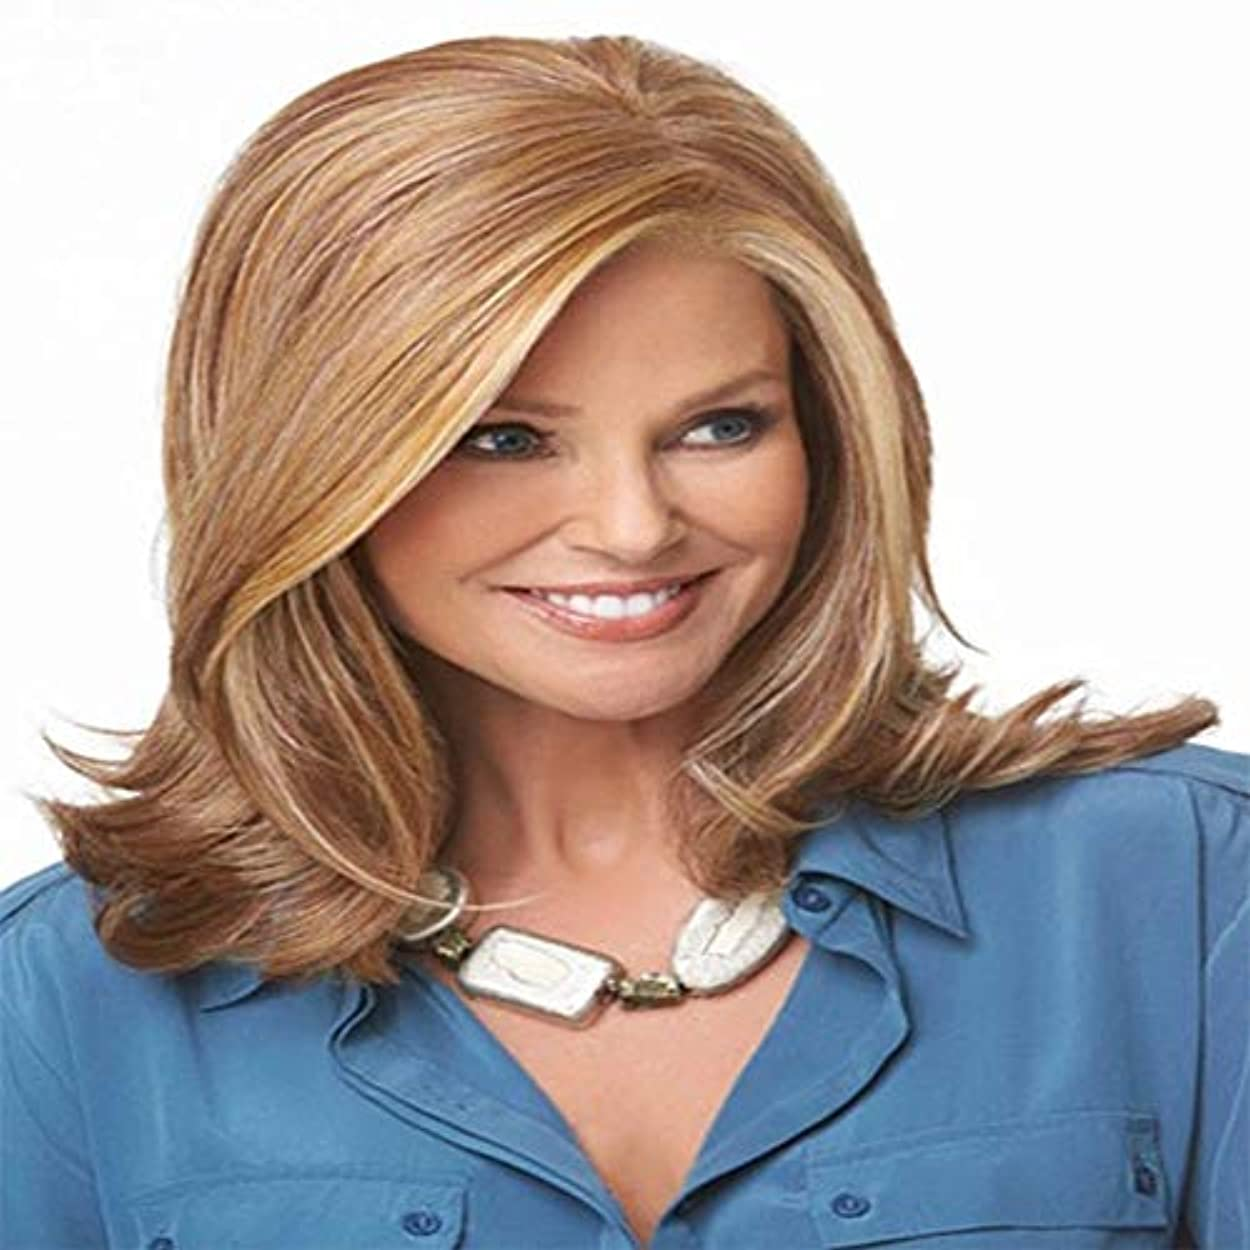 ローブひまわり請求可能白人女性のための中間の長さカーリー女性の女の子の魅力的な人工毛ウィッグ耐熱性繊維コスプレウィッグ